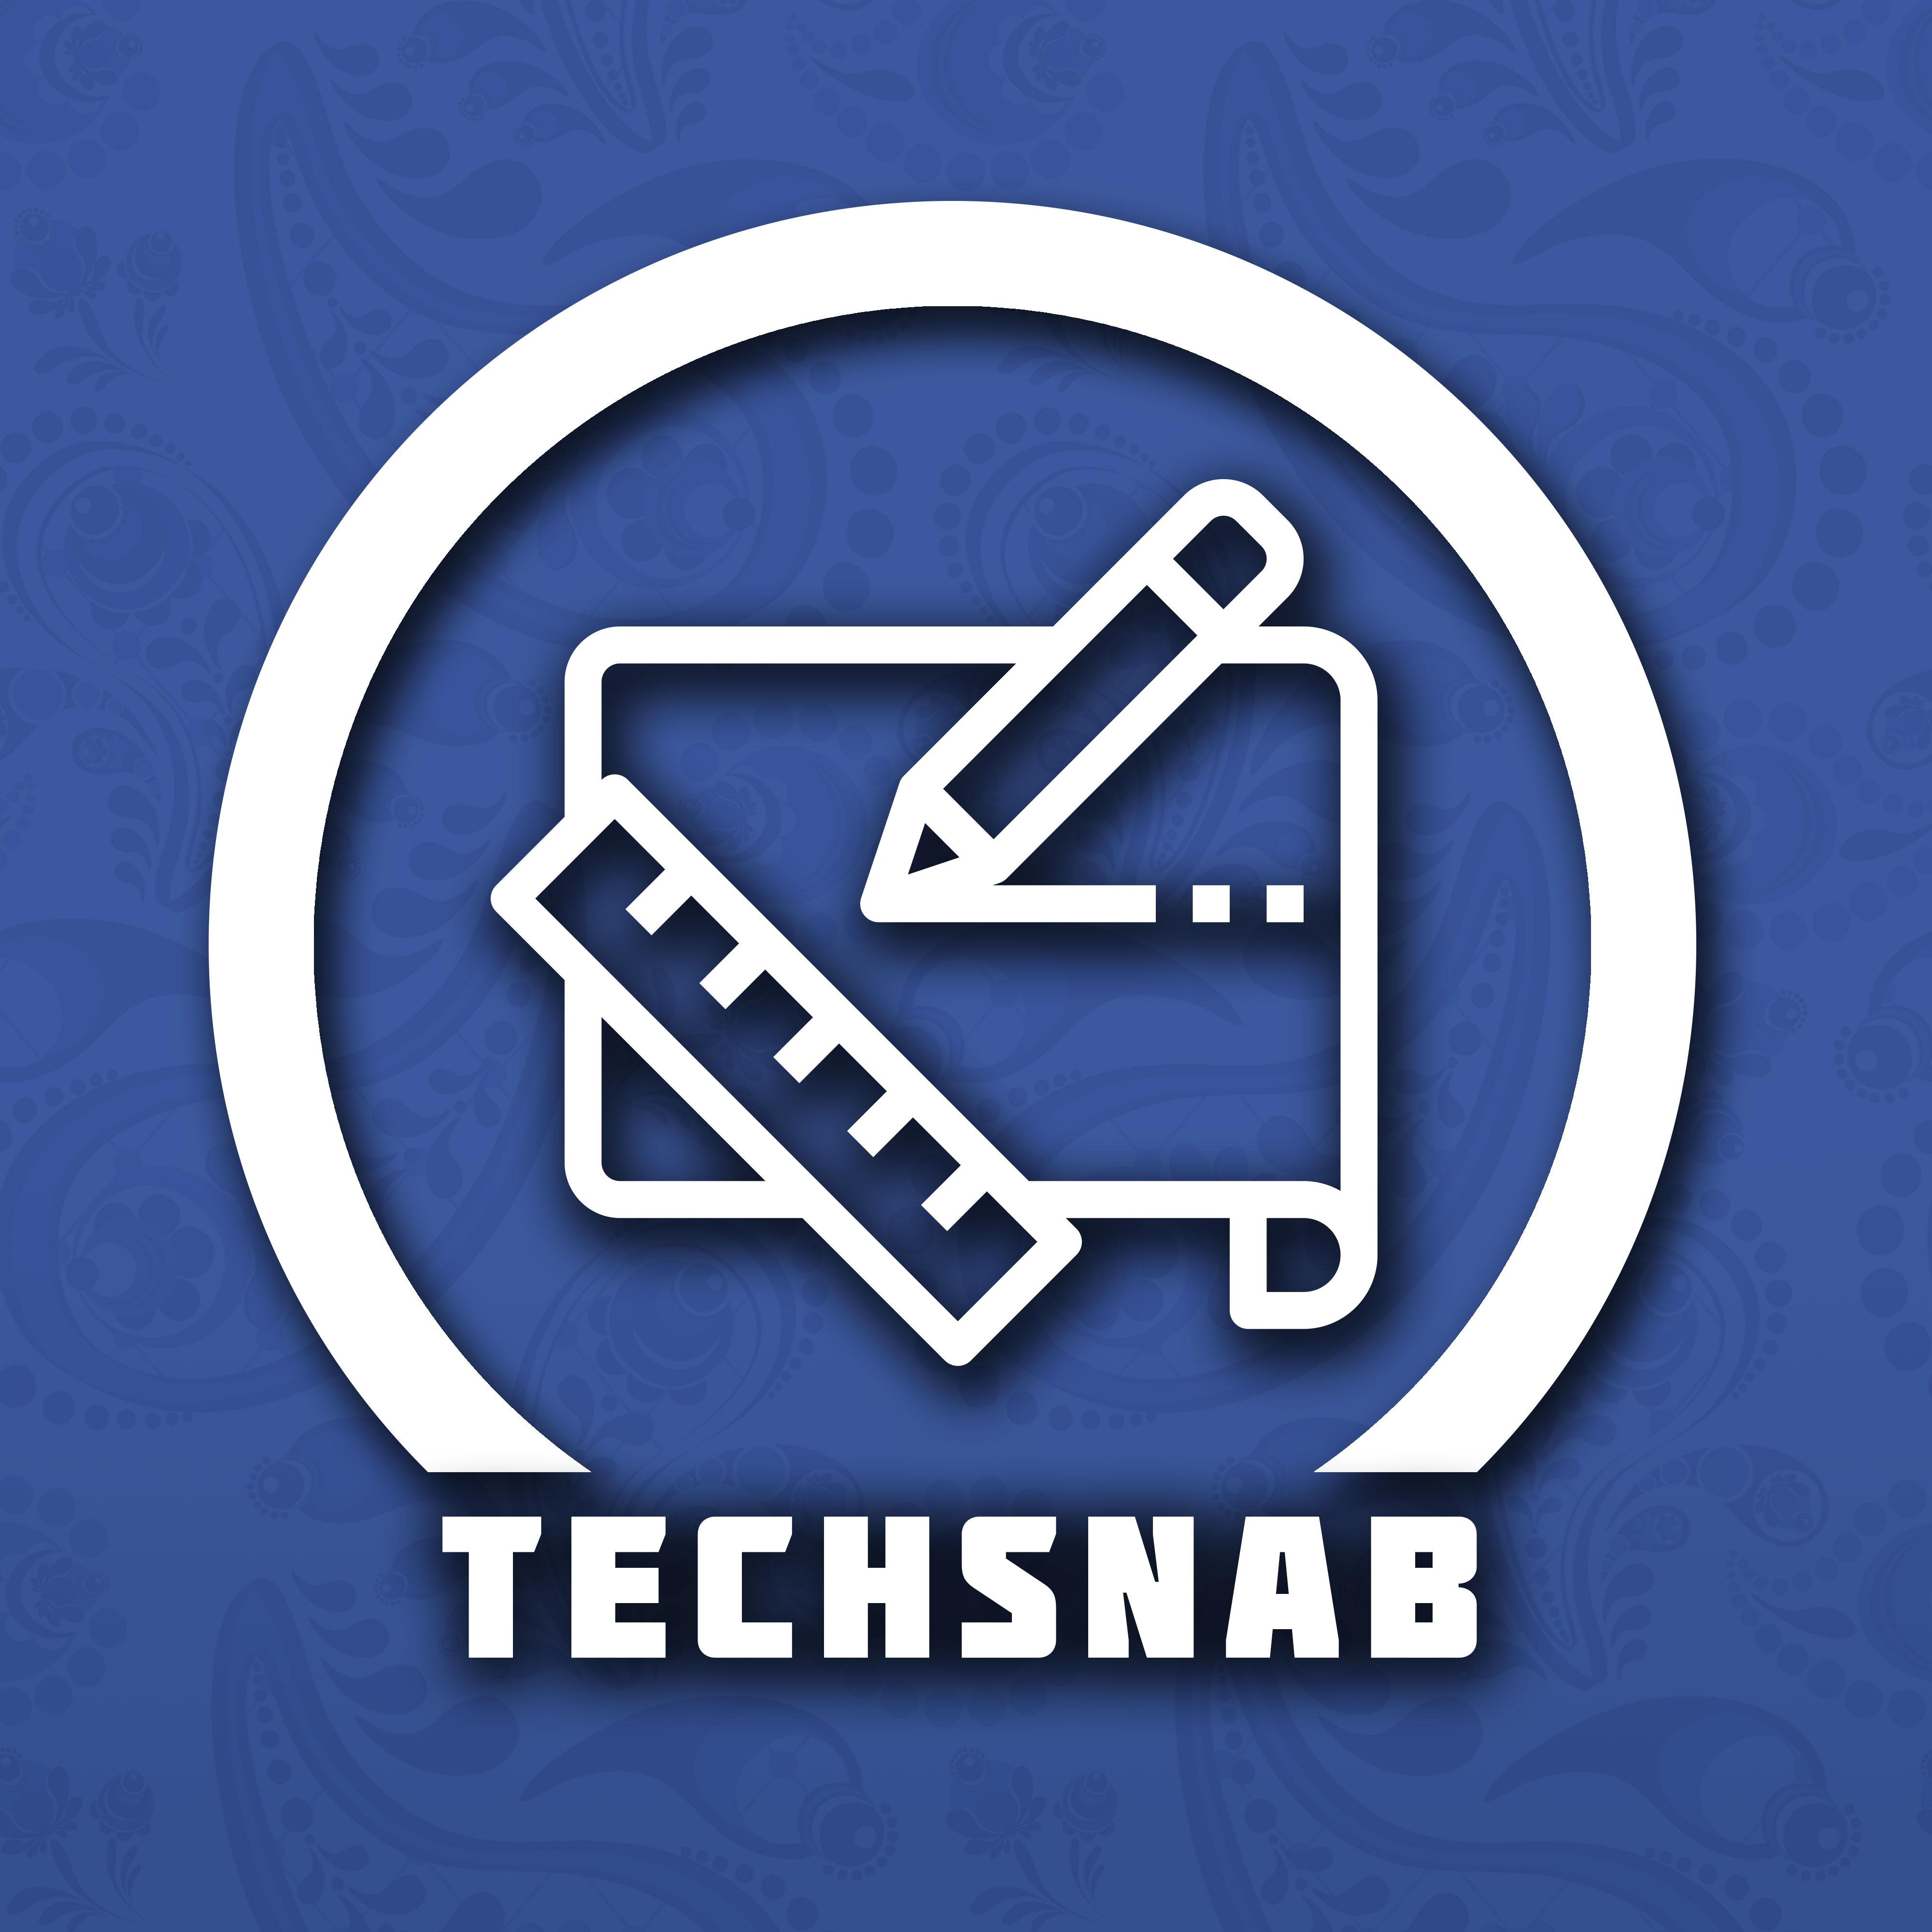 Разработка логотипа и фирм. стиля компании  ТЕХСНАБ фото f_3865b1db08475540.jpg